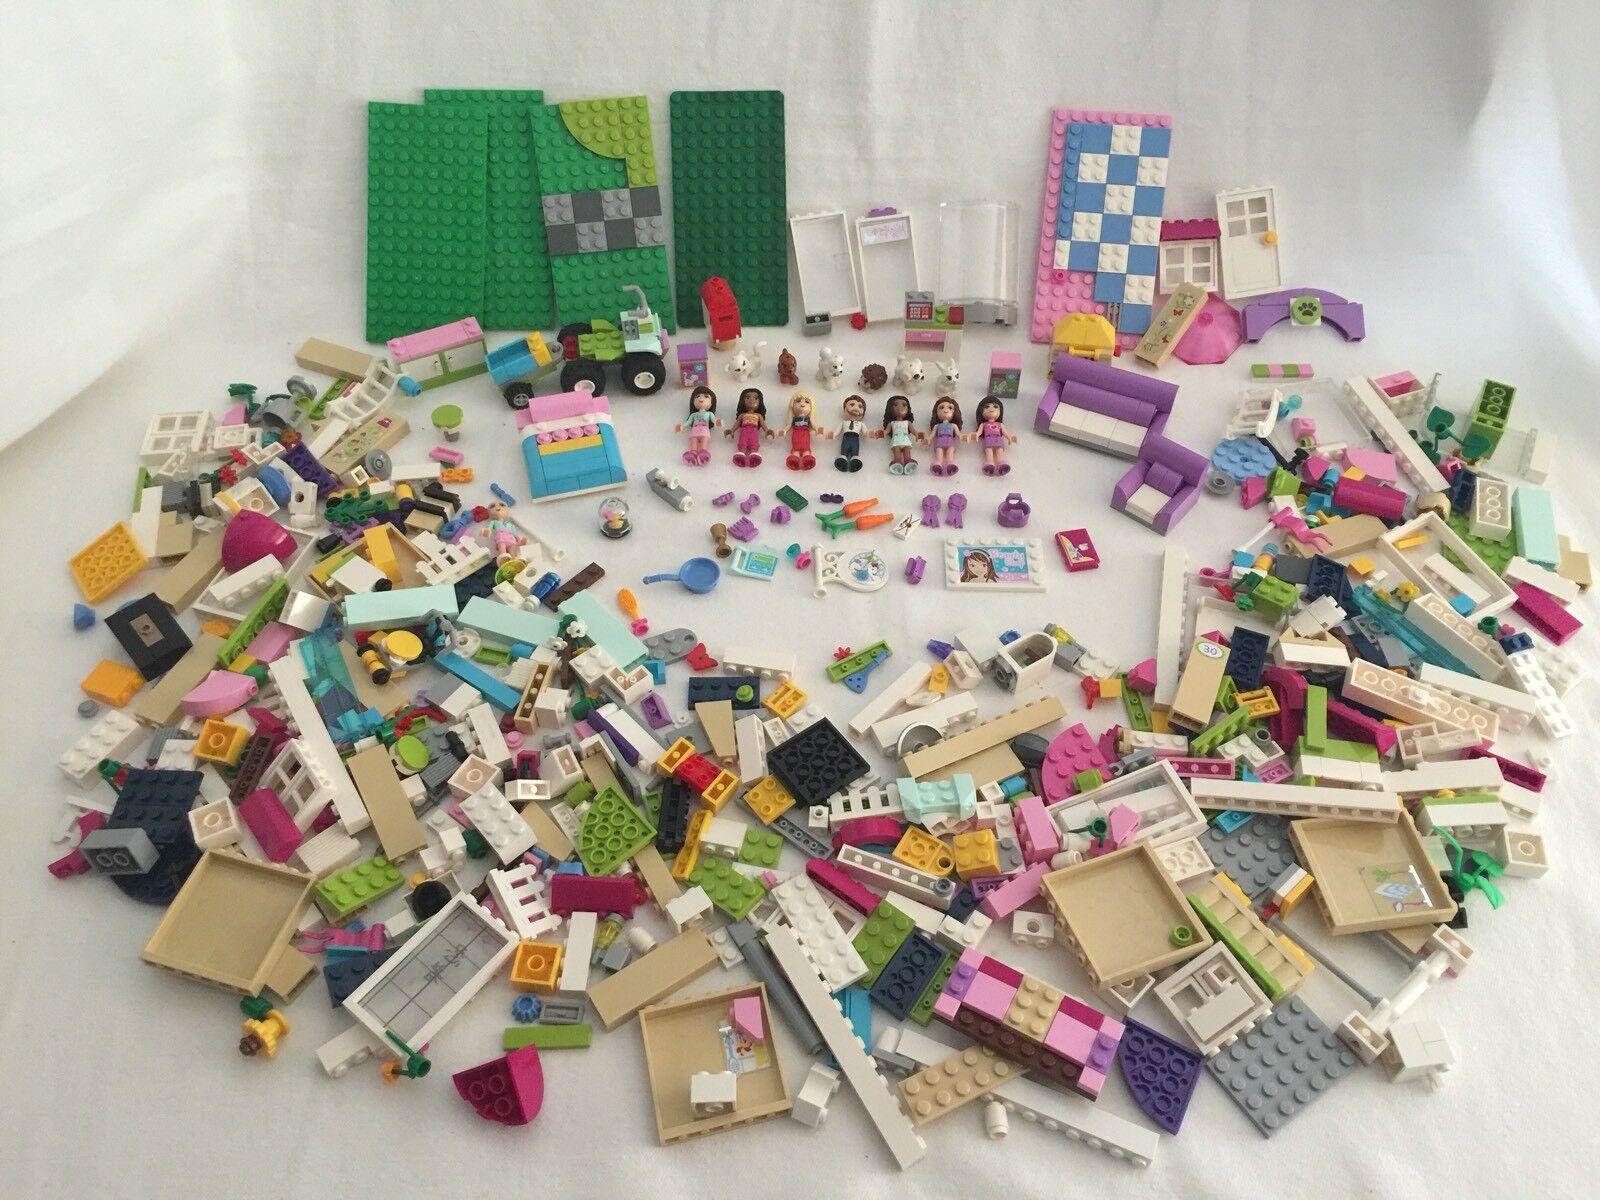 Lote de 1000+ piezas de construcción Lego FRIENDS Figuras Mascotas Olivia